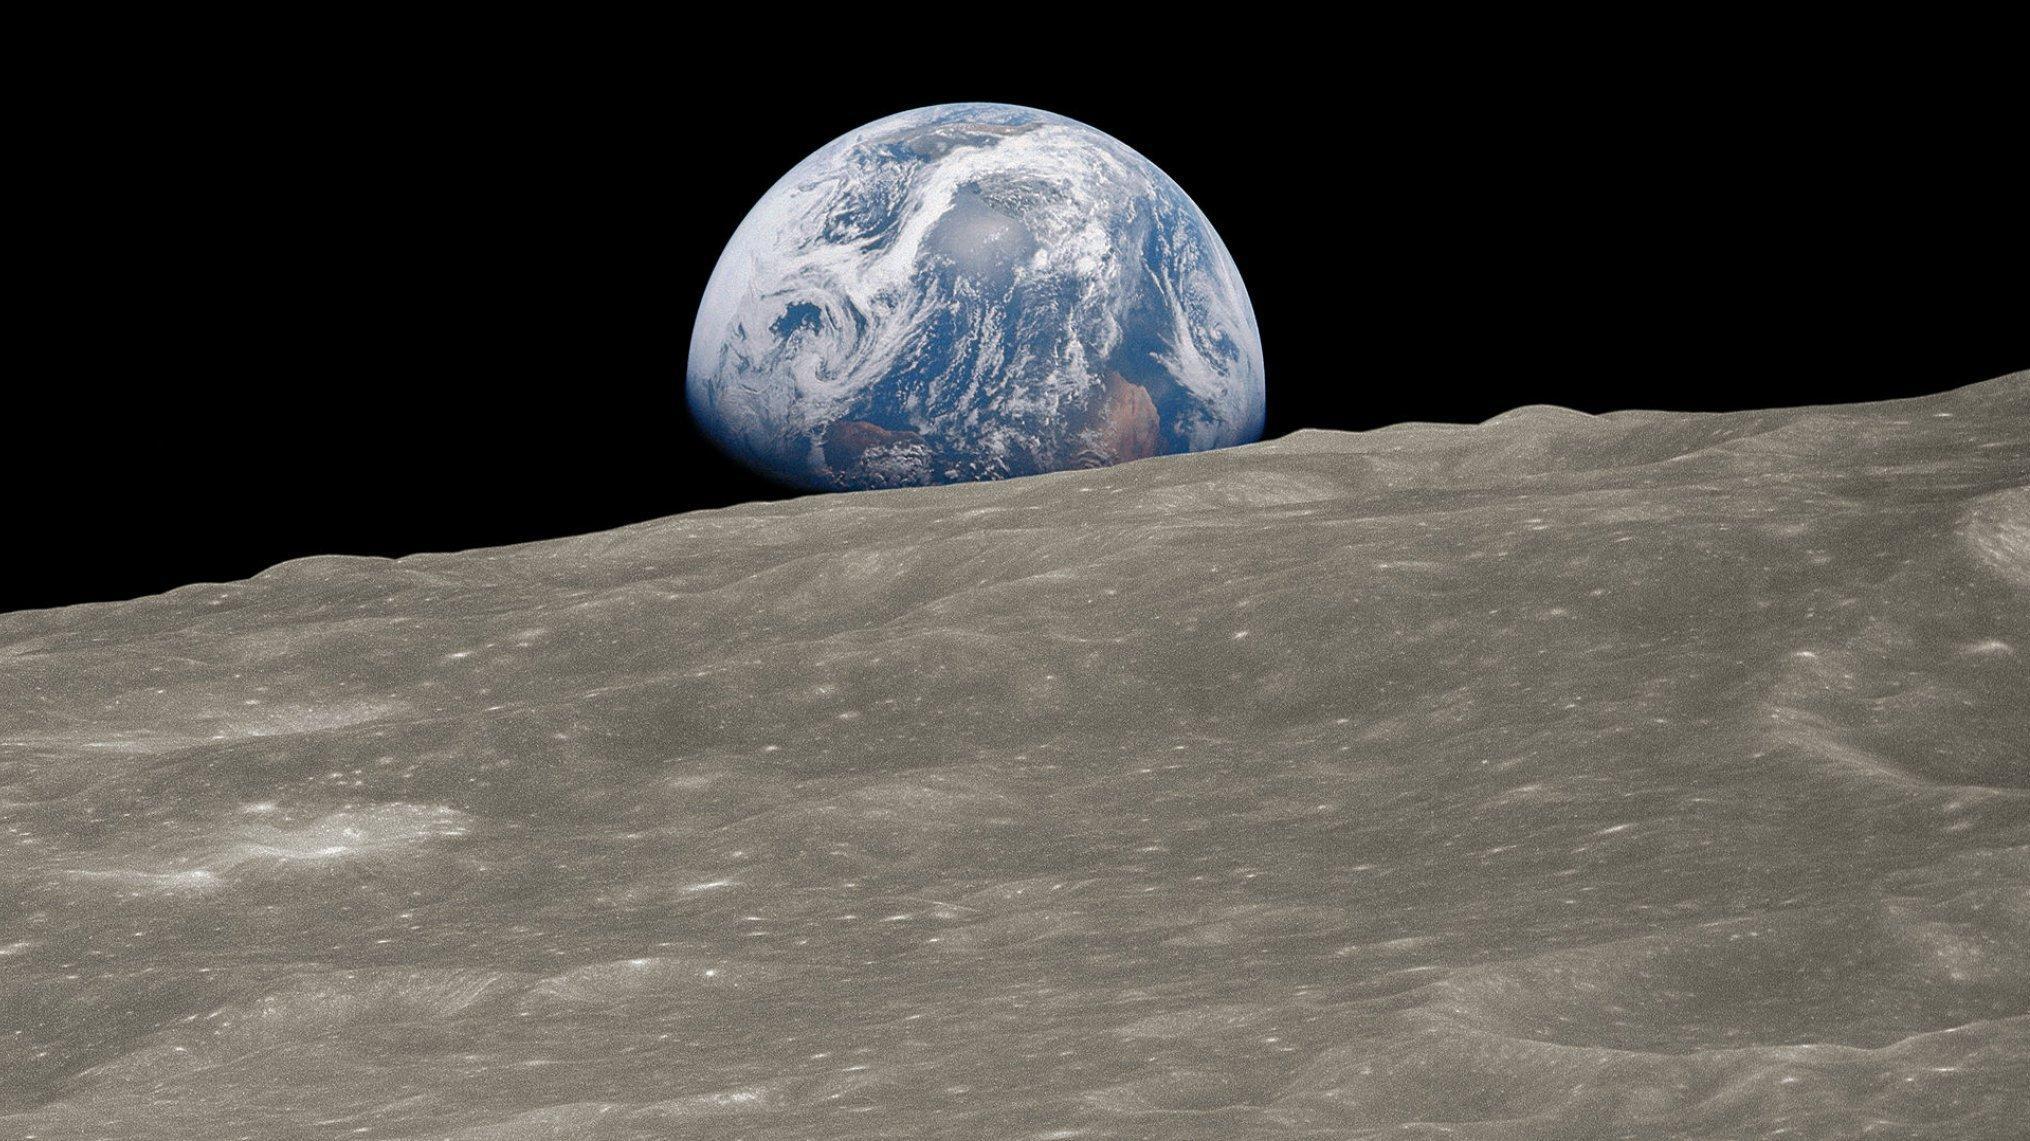 Foto der Mondoberfläche mit Tälern, Bergen und Kratern, darüber die Erde, die sehr plastisch wirkt